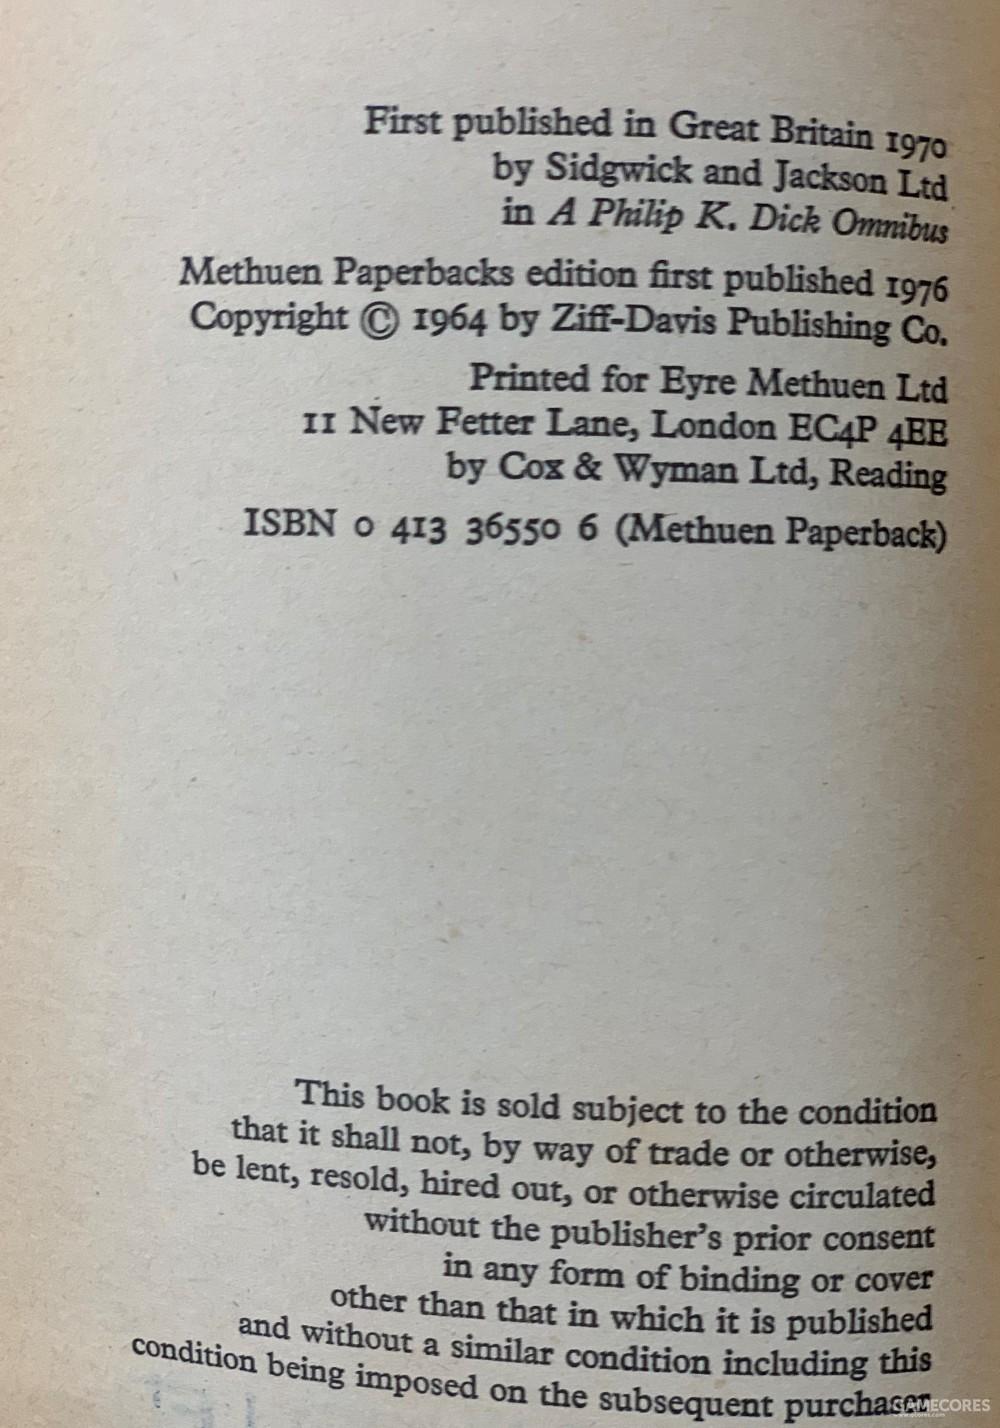 版权页显示这本书的出版历史